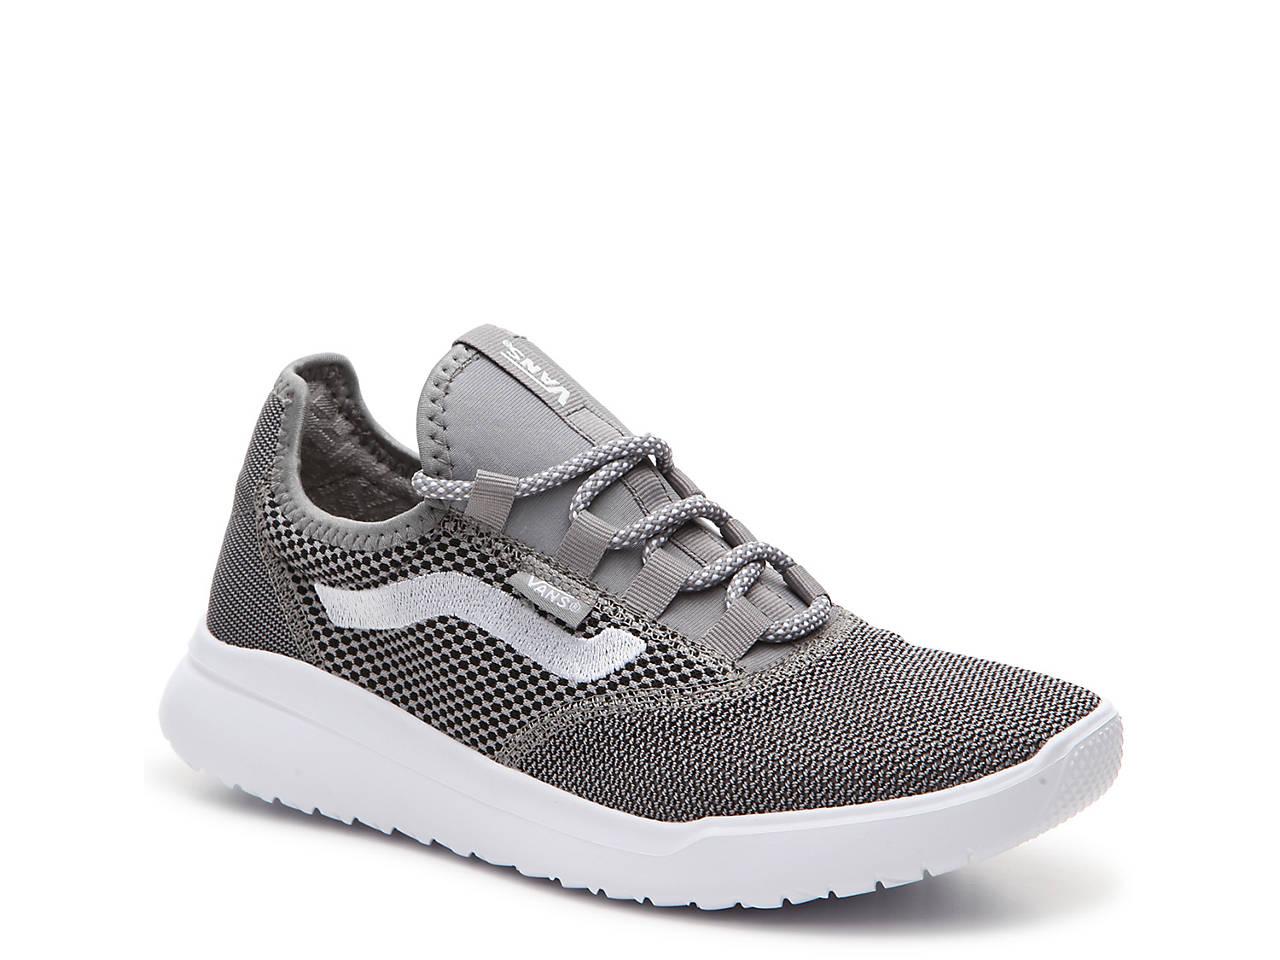 10d0a571c7 Vans Cerus Lite Sneaker - Women s Women s Shoes